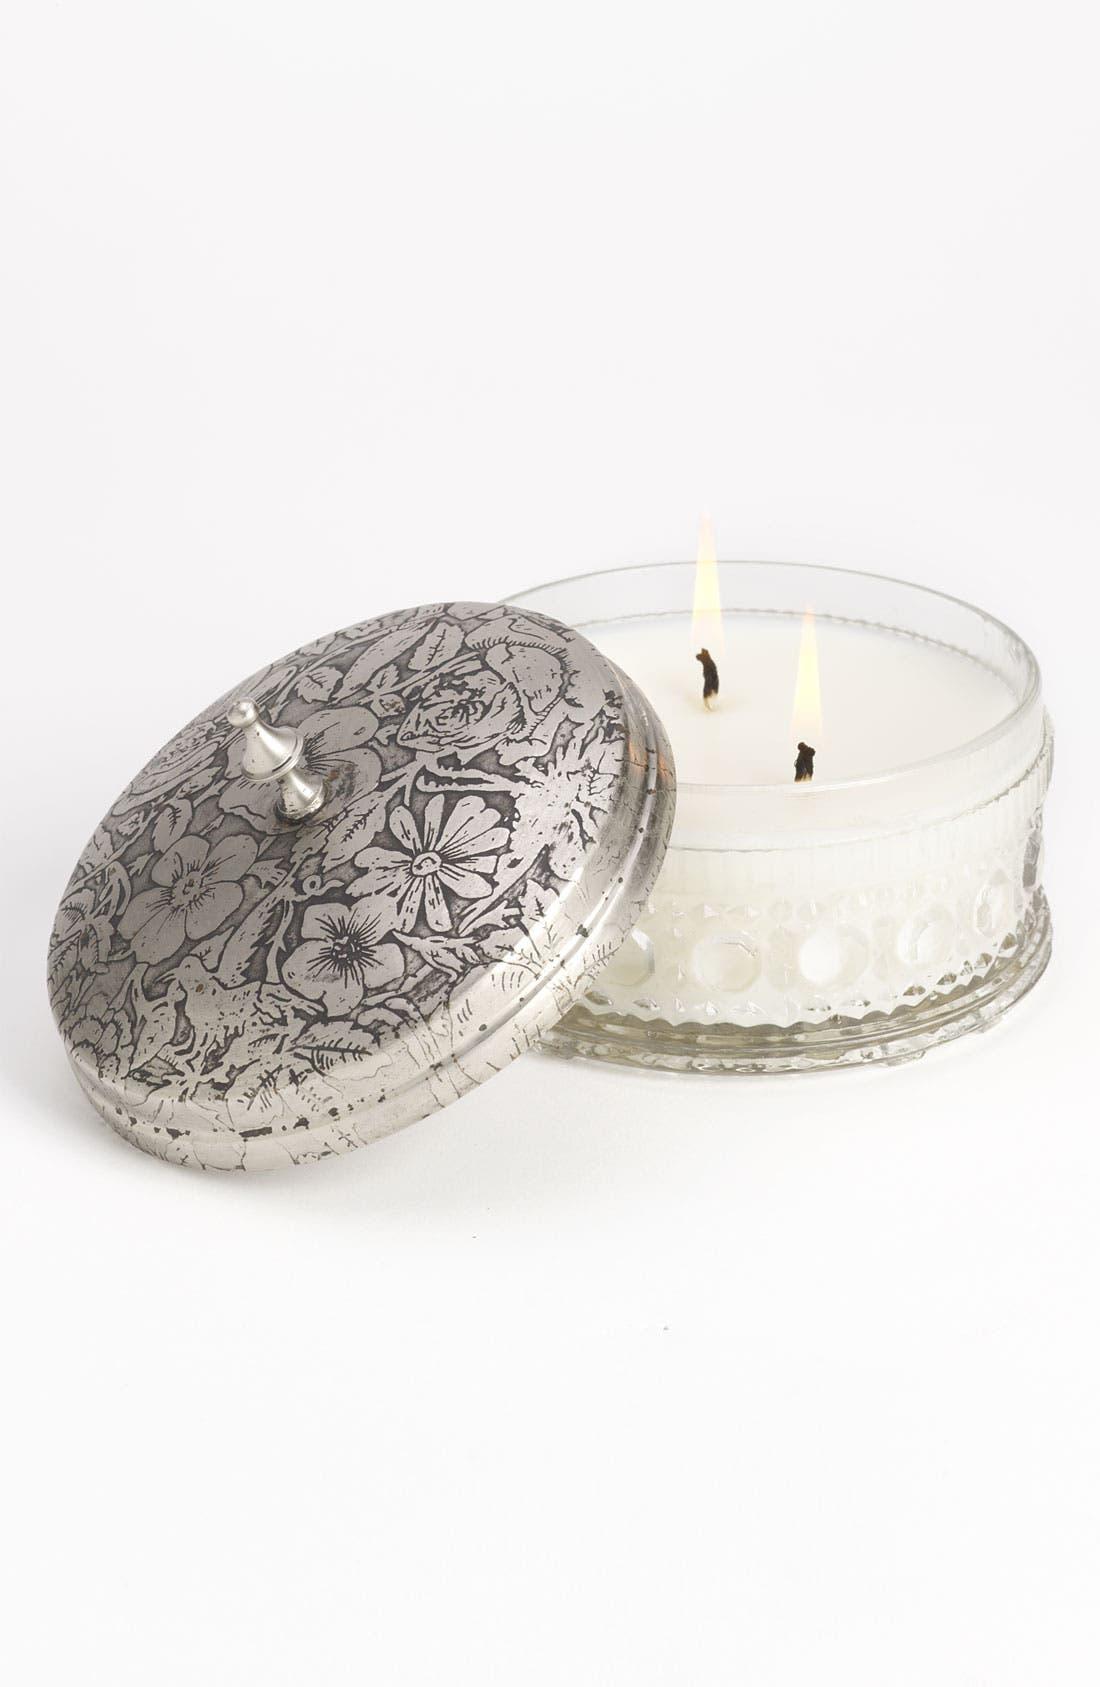 Main Image - Himalayan Trading Post 'Powder Box' Candle